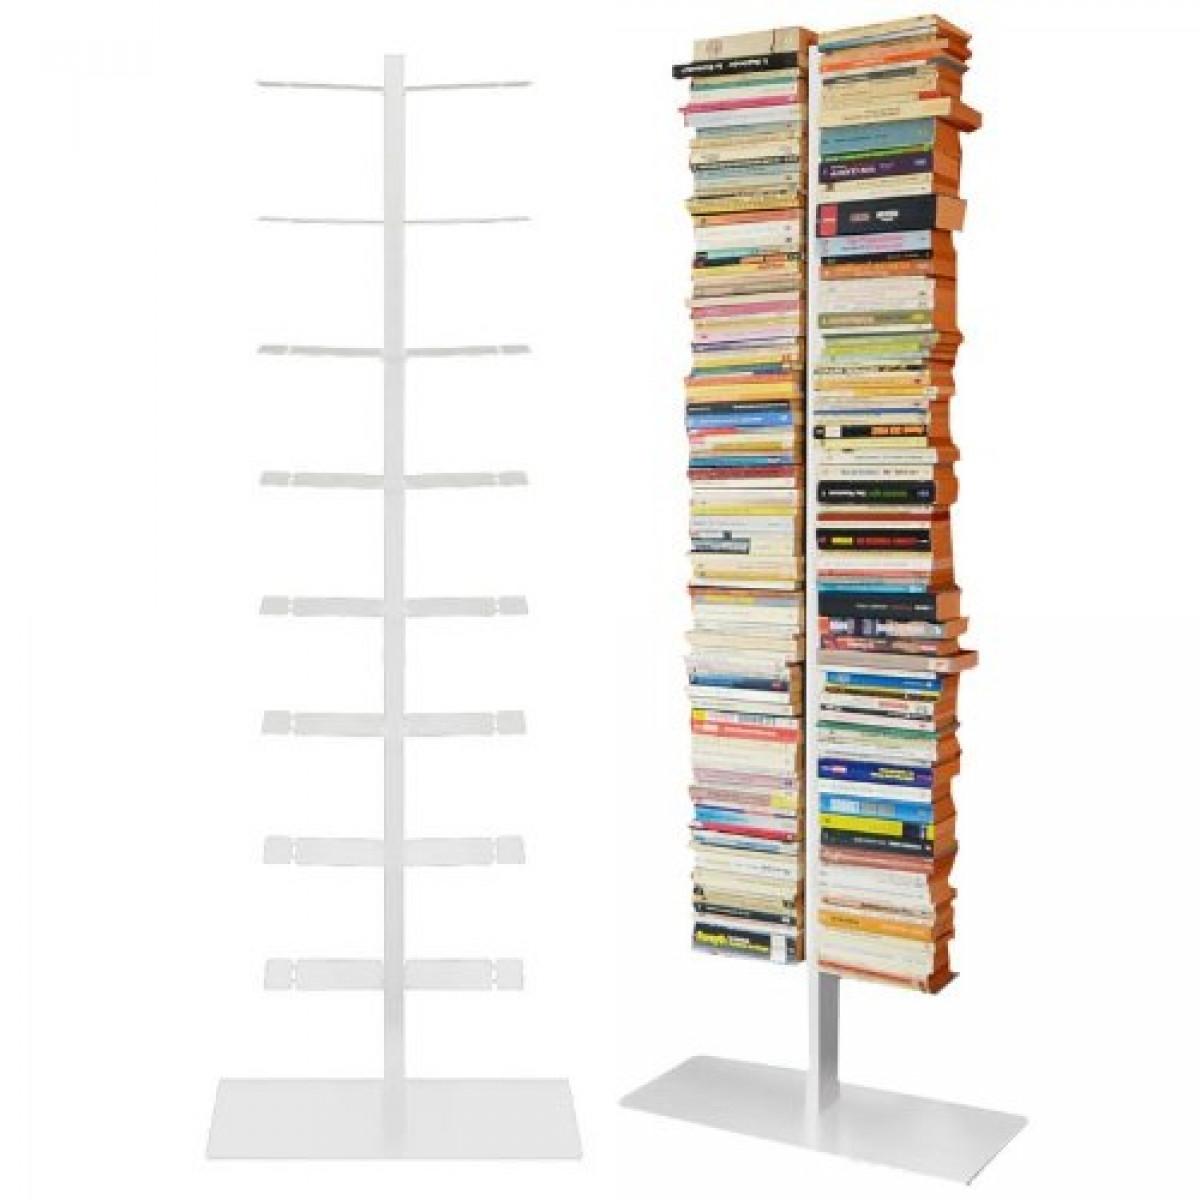 Radius designové stojanové knihovny Booksbaum 1 Stand Large